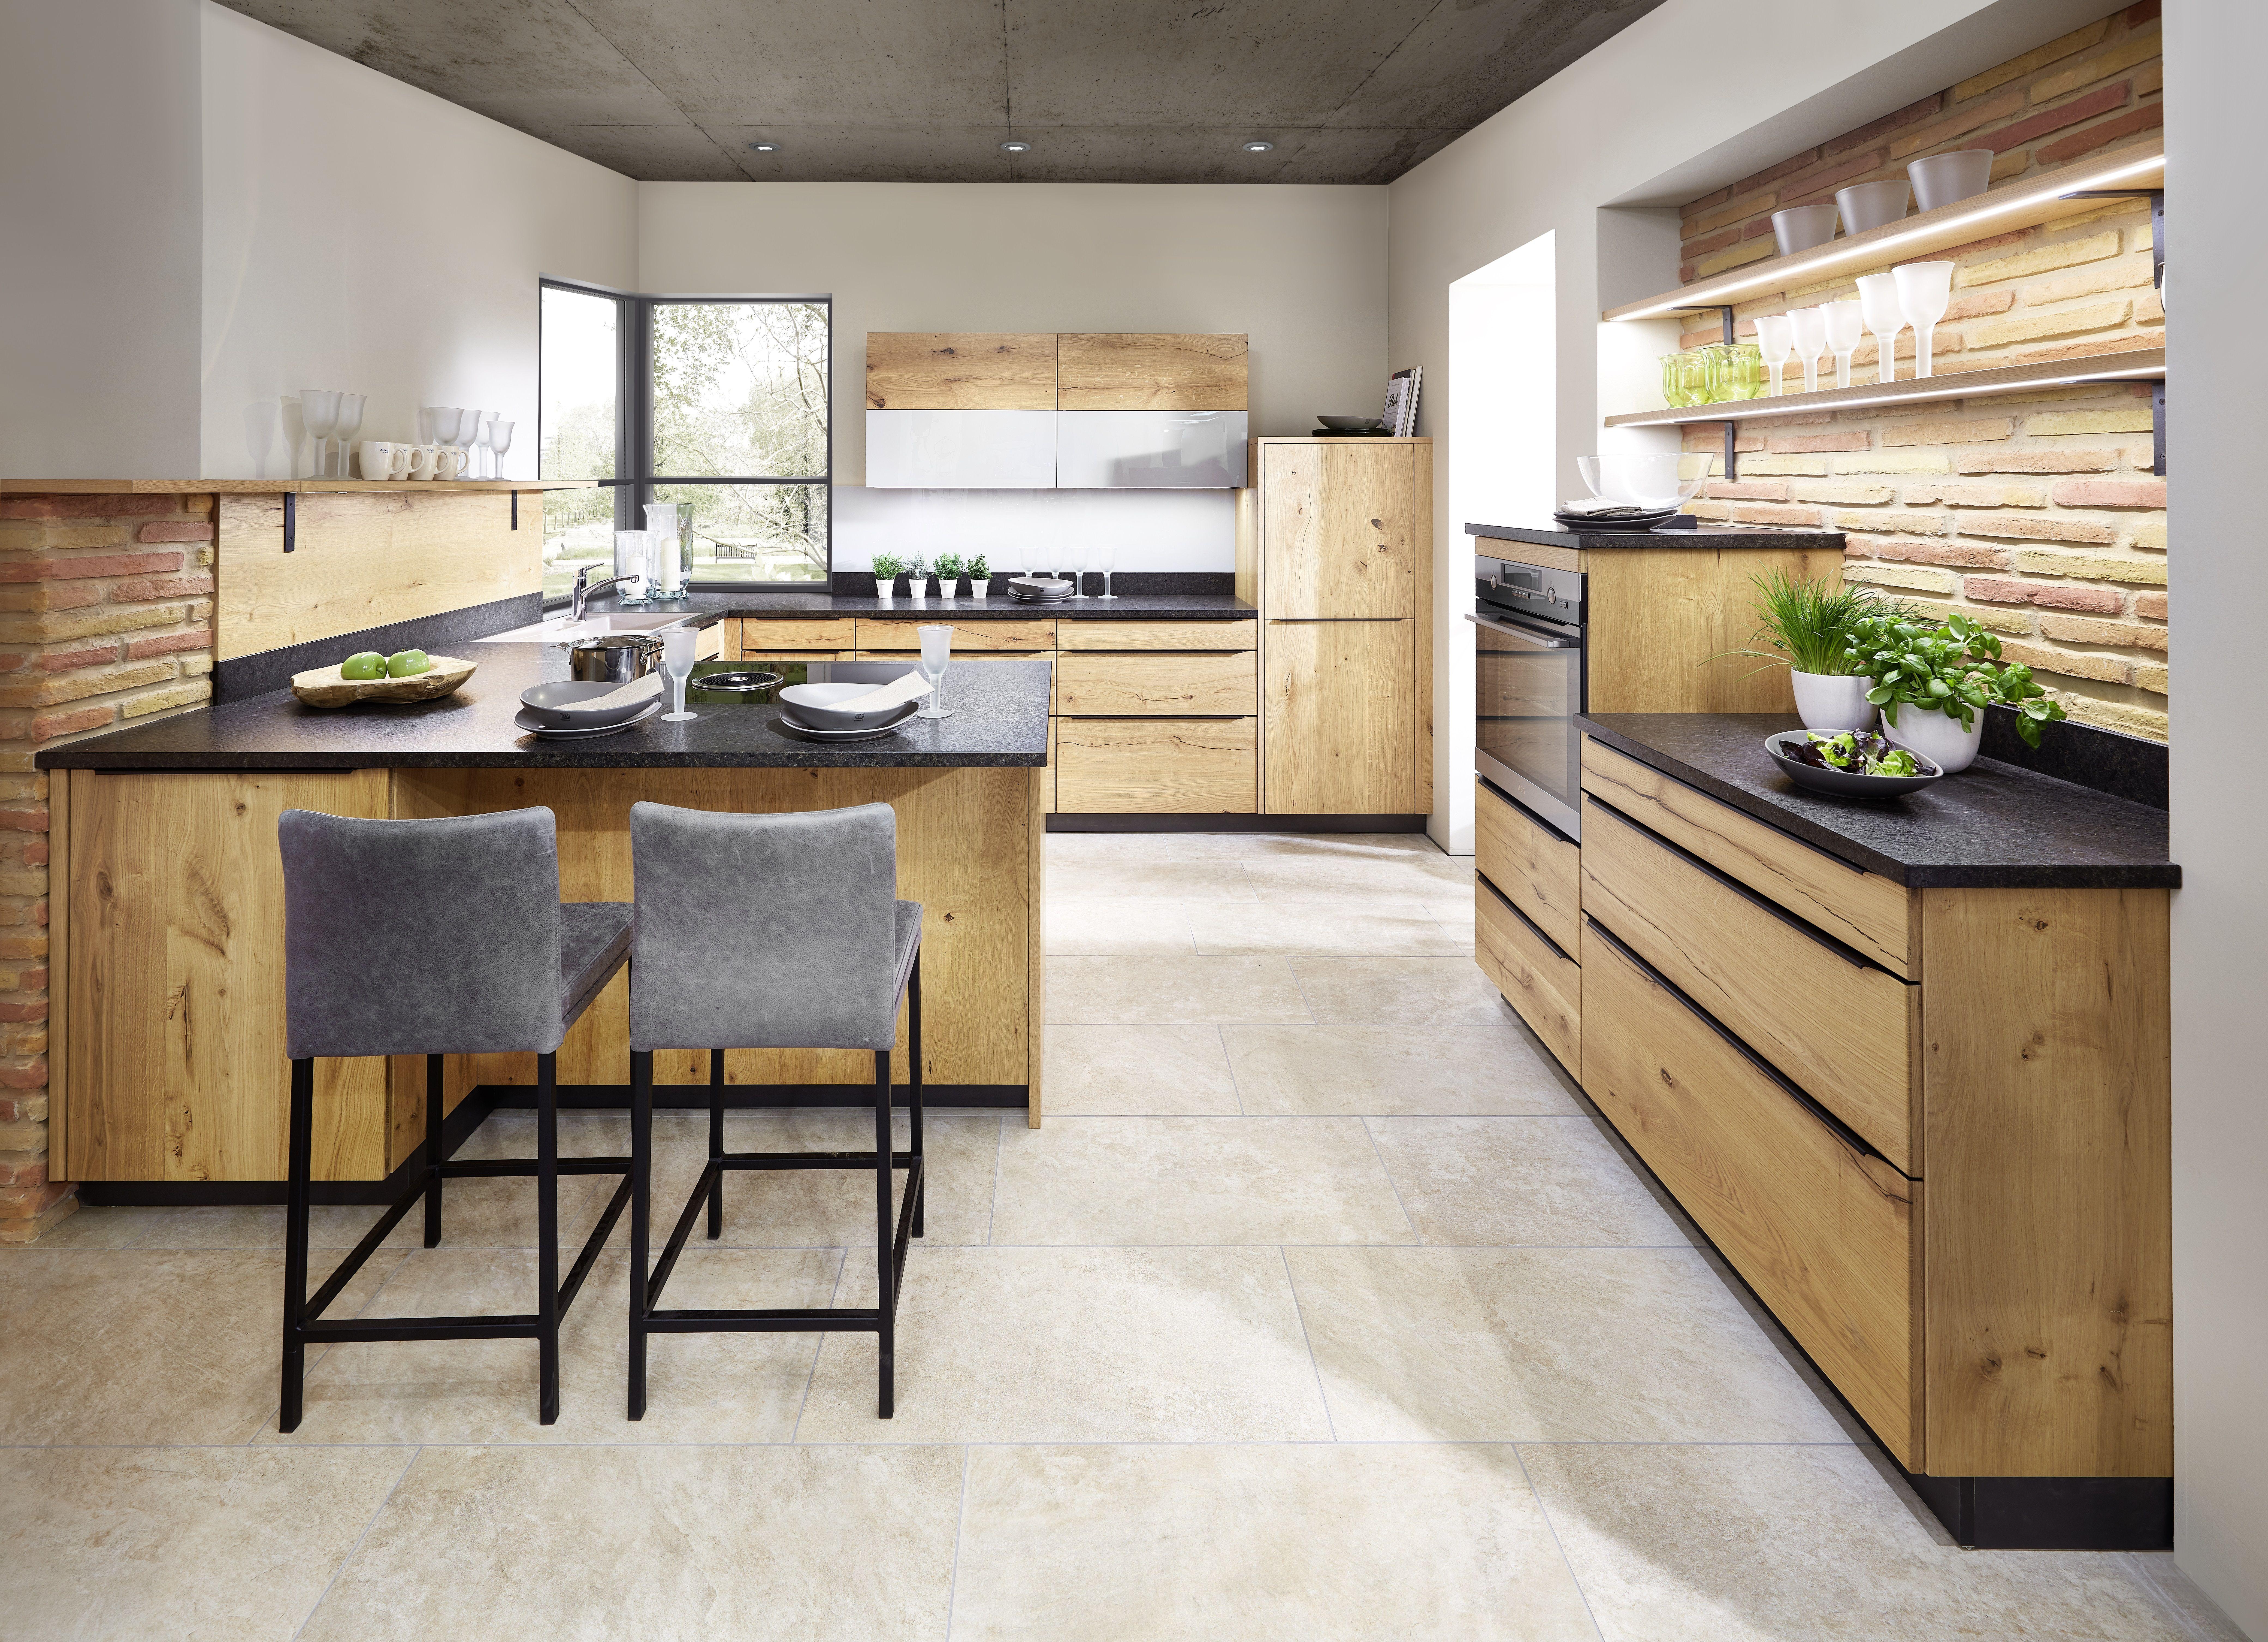 küche rom von h-design front in eiche-kernriss bianco geölt